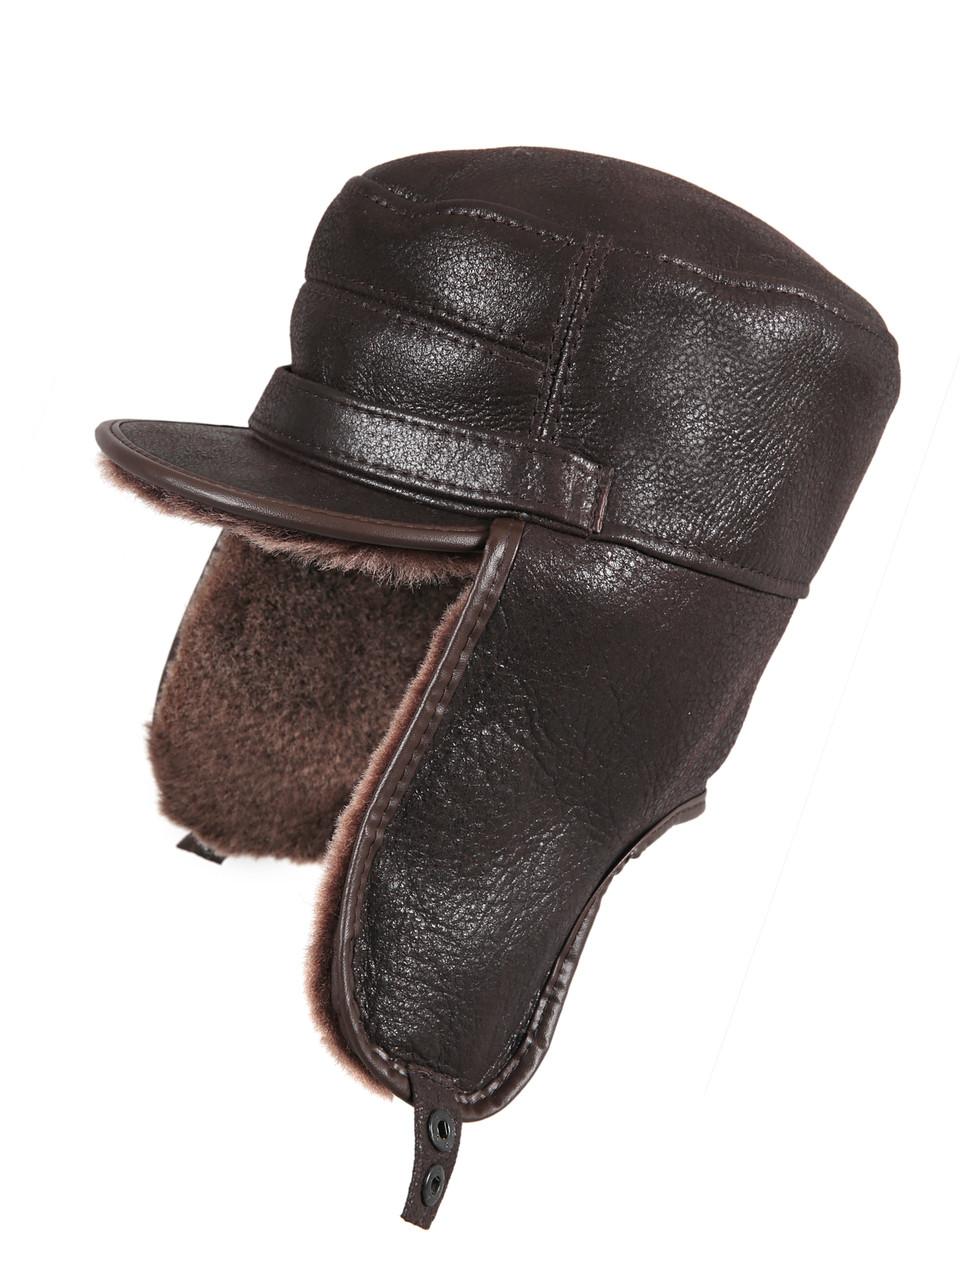 cd899af79f2 Shearling Sheepskin Visor Elmer Fudd Winter Fur Hat - Brown